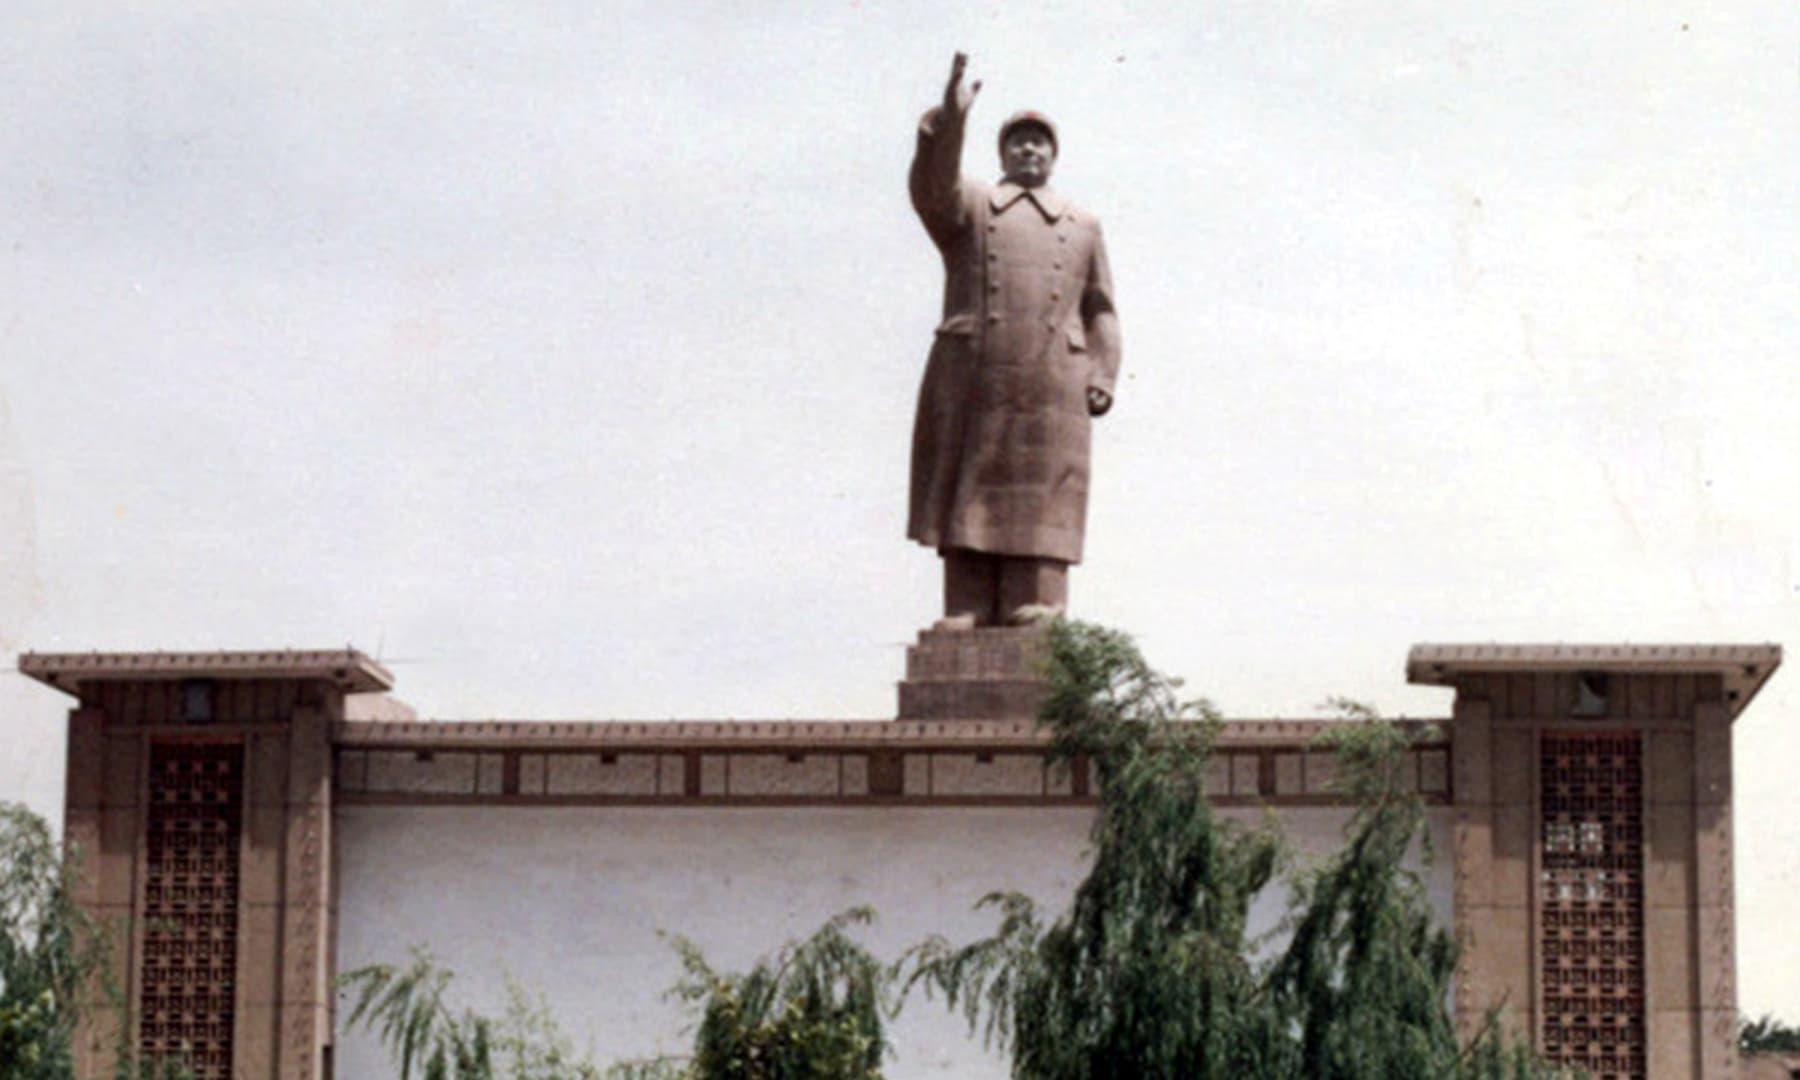 1987 میں کاشغر شہر کے اندر عکس بند کیا گیا عظیم چینی رہنما ماؤ زی تنگ کا مجسمہ— تصویر عبیداللہ کیہر